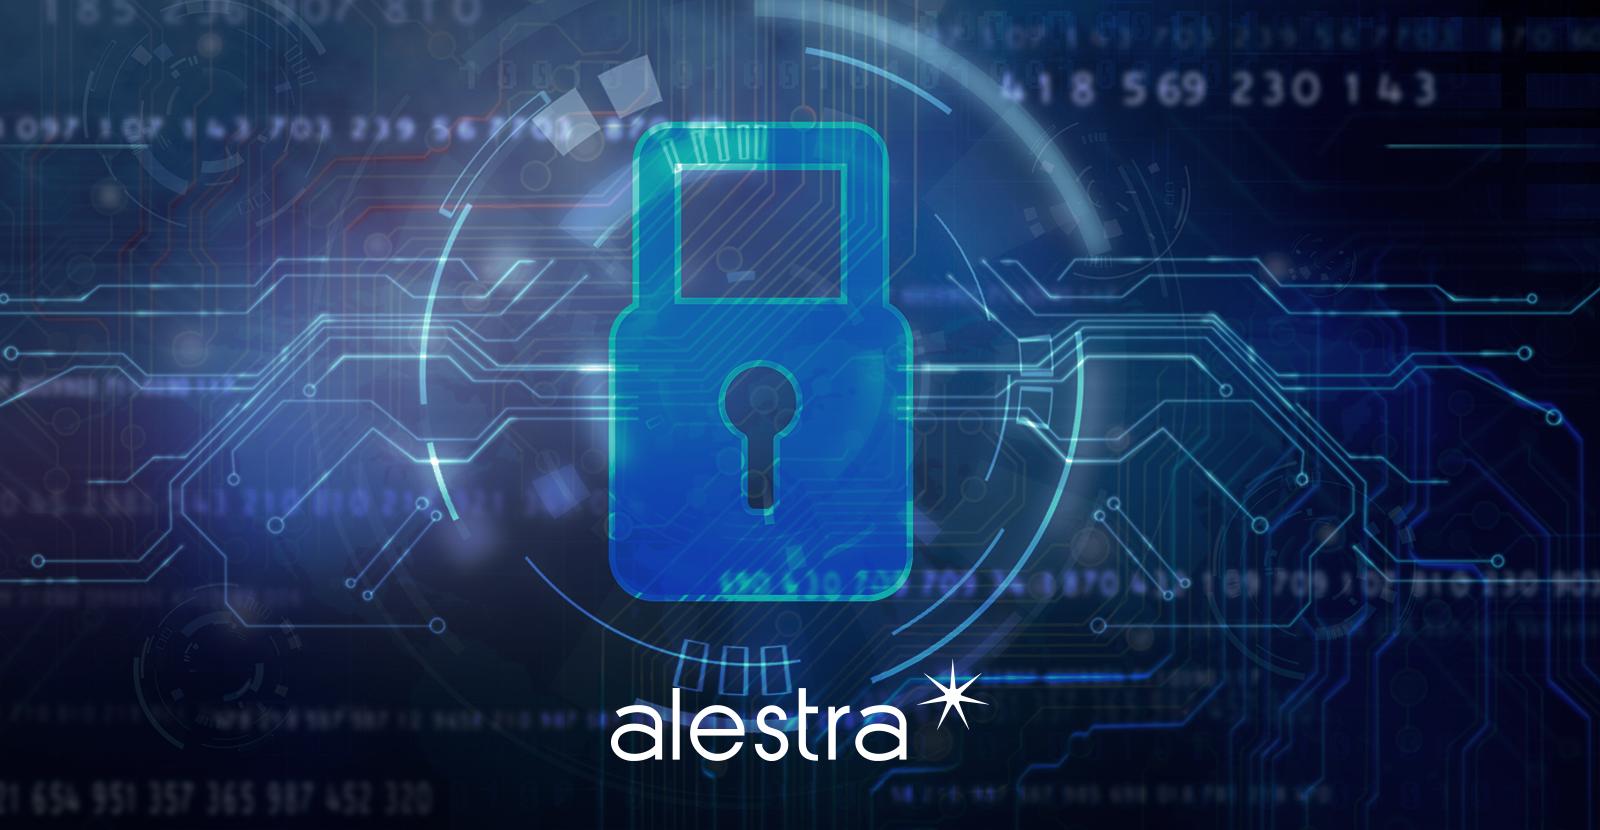 privacidad-seguridad-tendencias